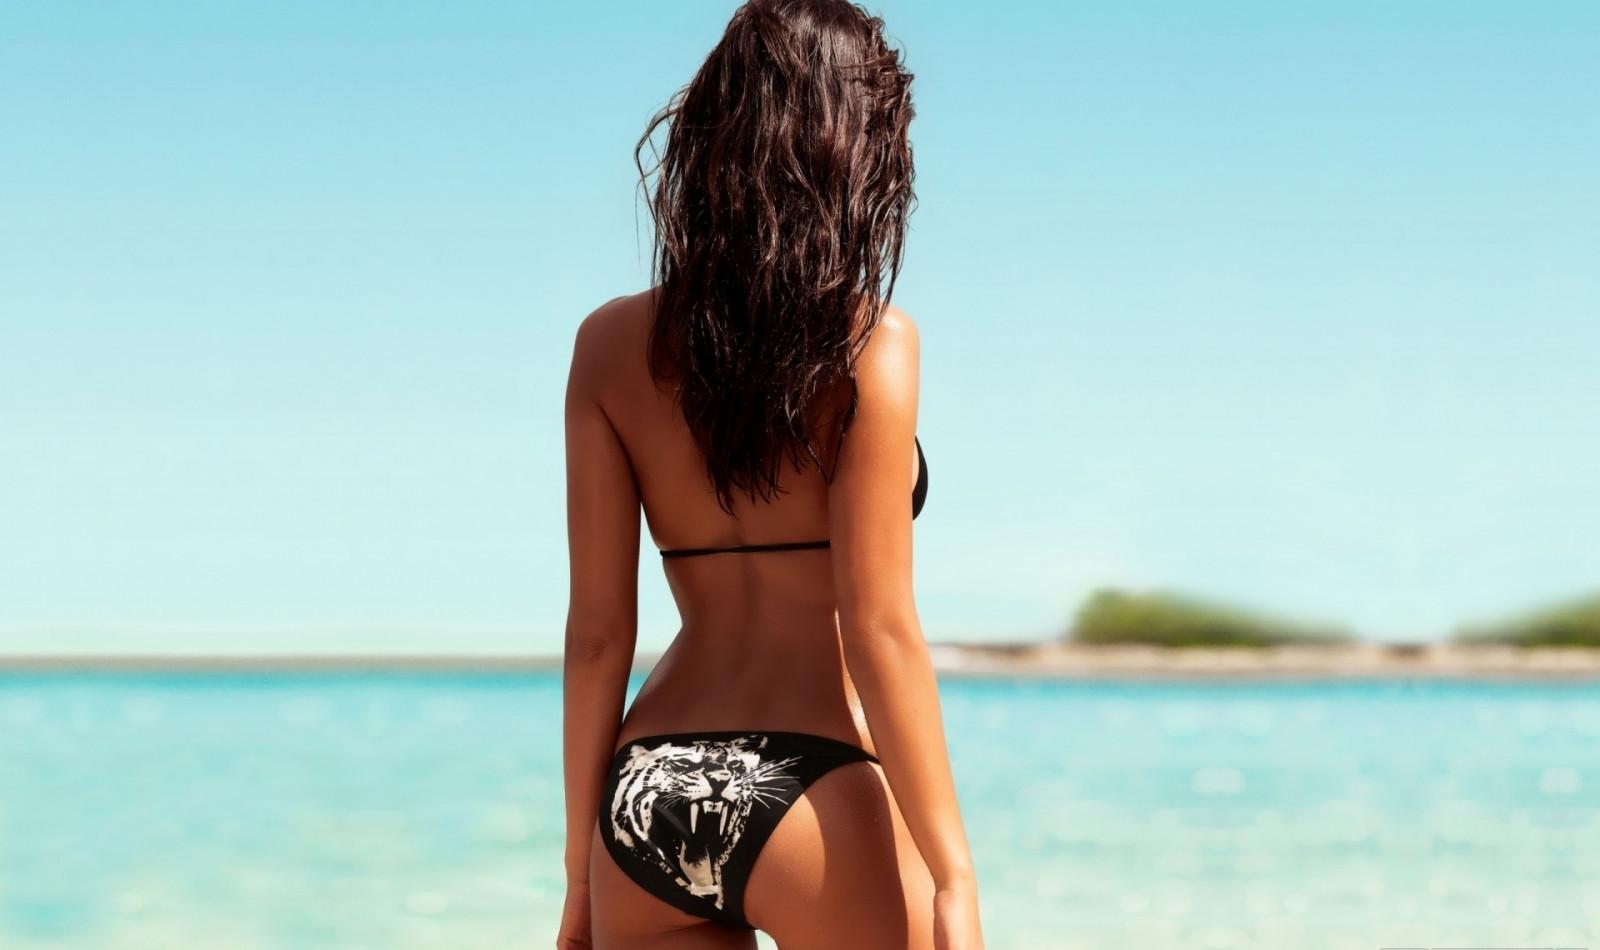 фото девушка в купальнике со спины брюнетки себе нового